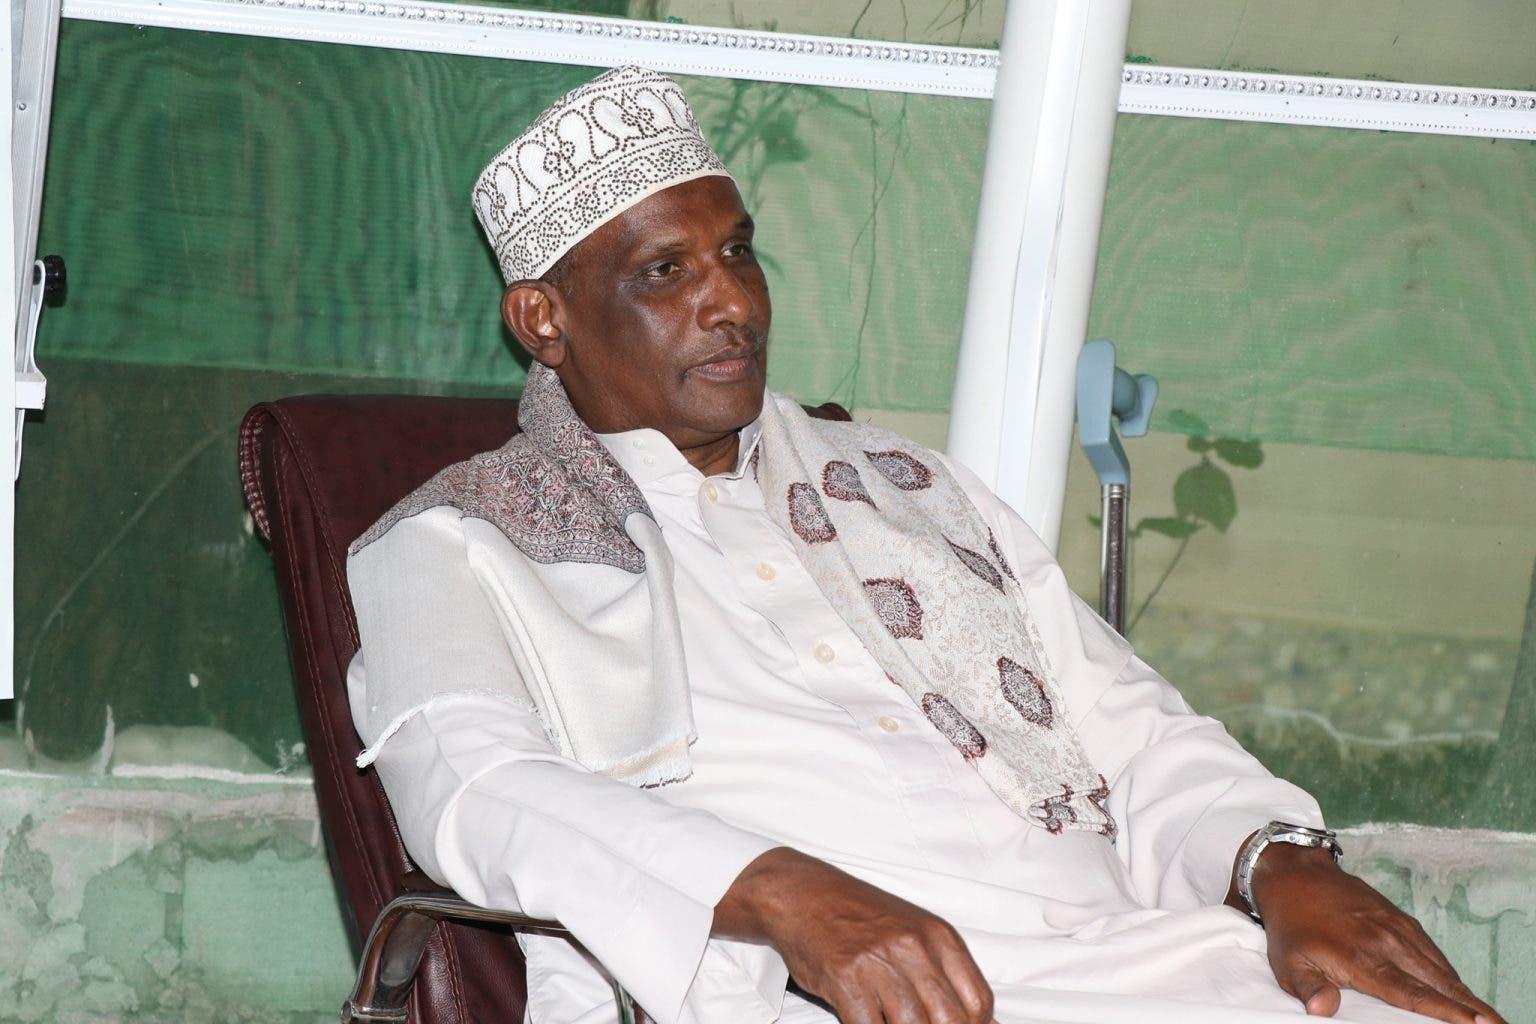 شيوخ العشائر الصومالية يعارضون النظام الانتخابي الصادر من المجلس الاستشاري الوطني